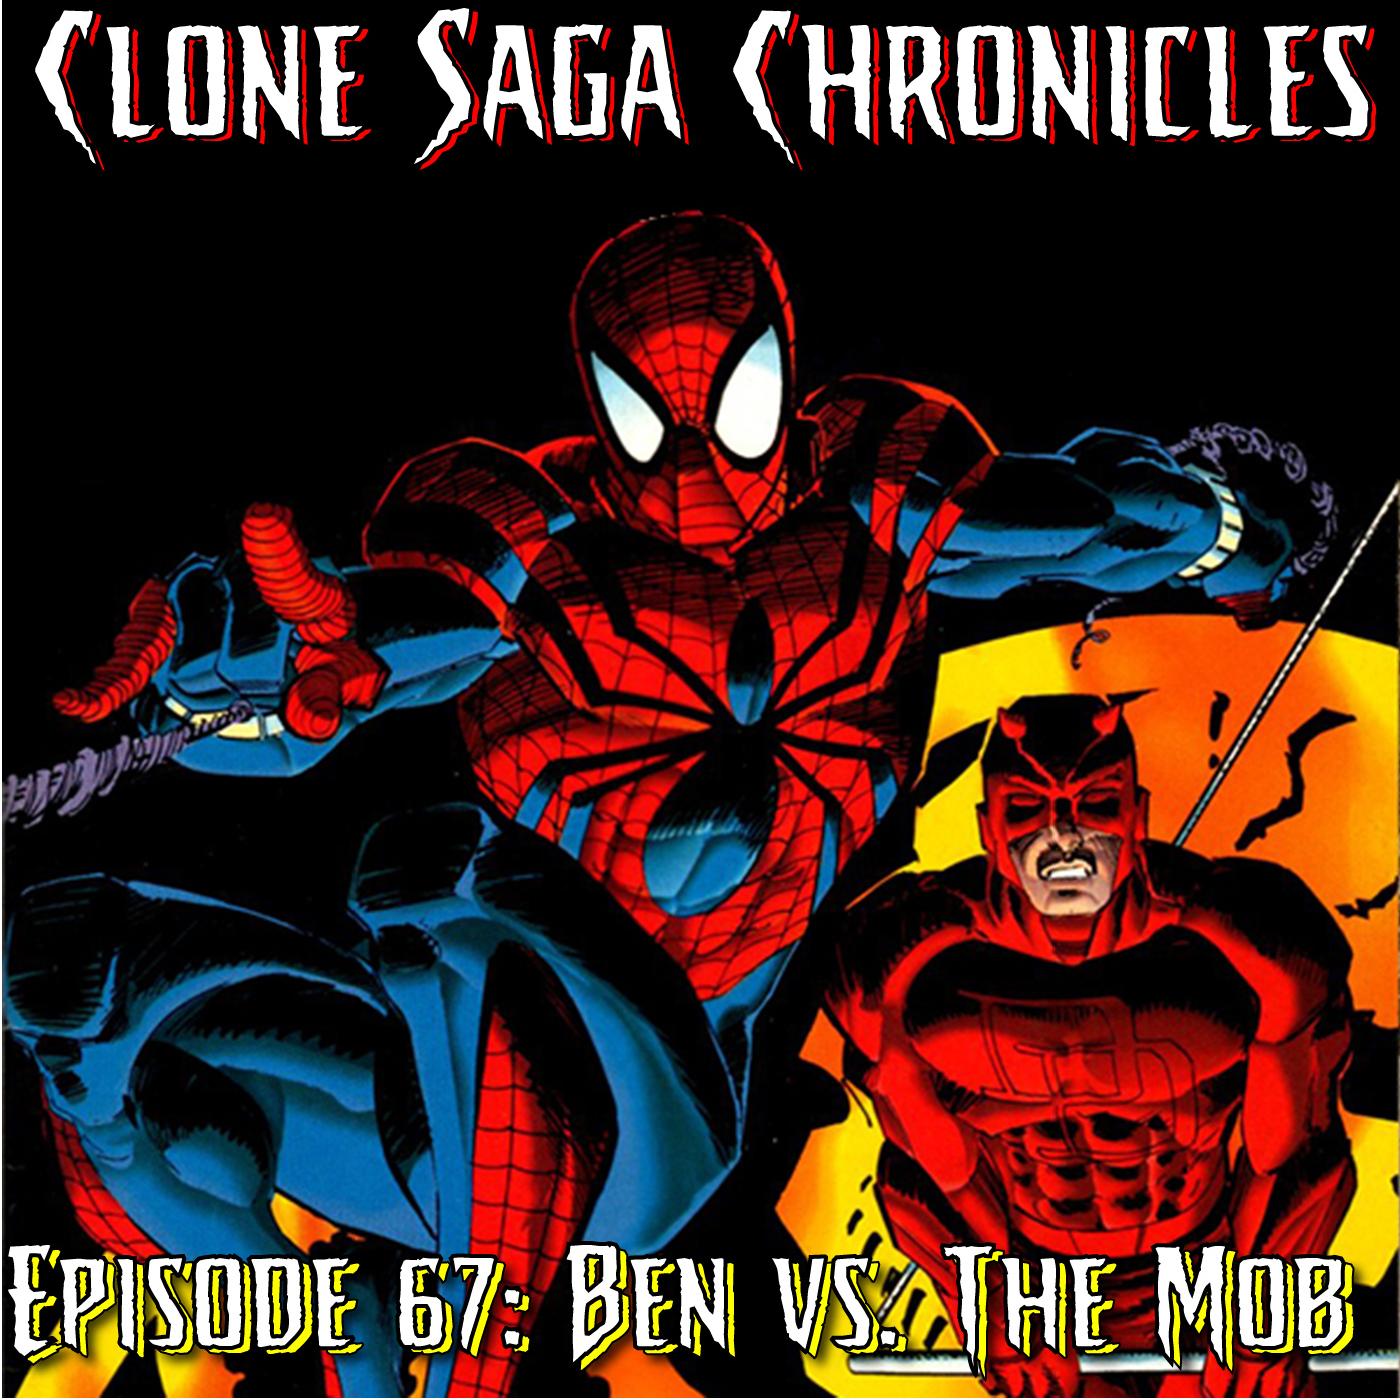 CSC Episode 67: Ben vs. the Mob